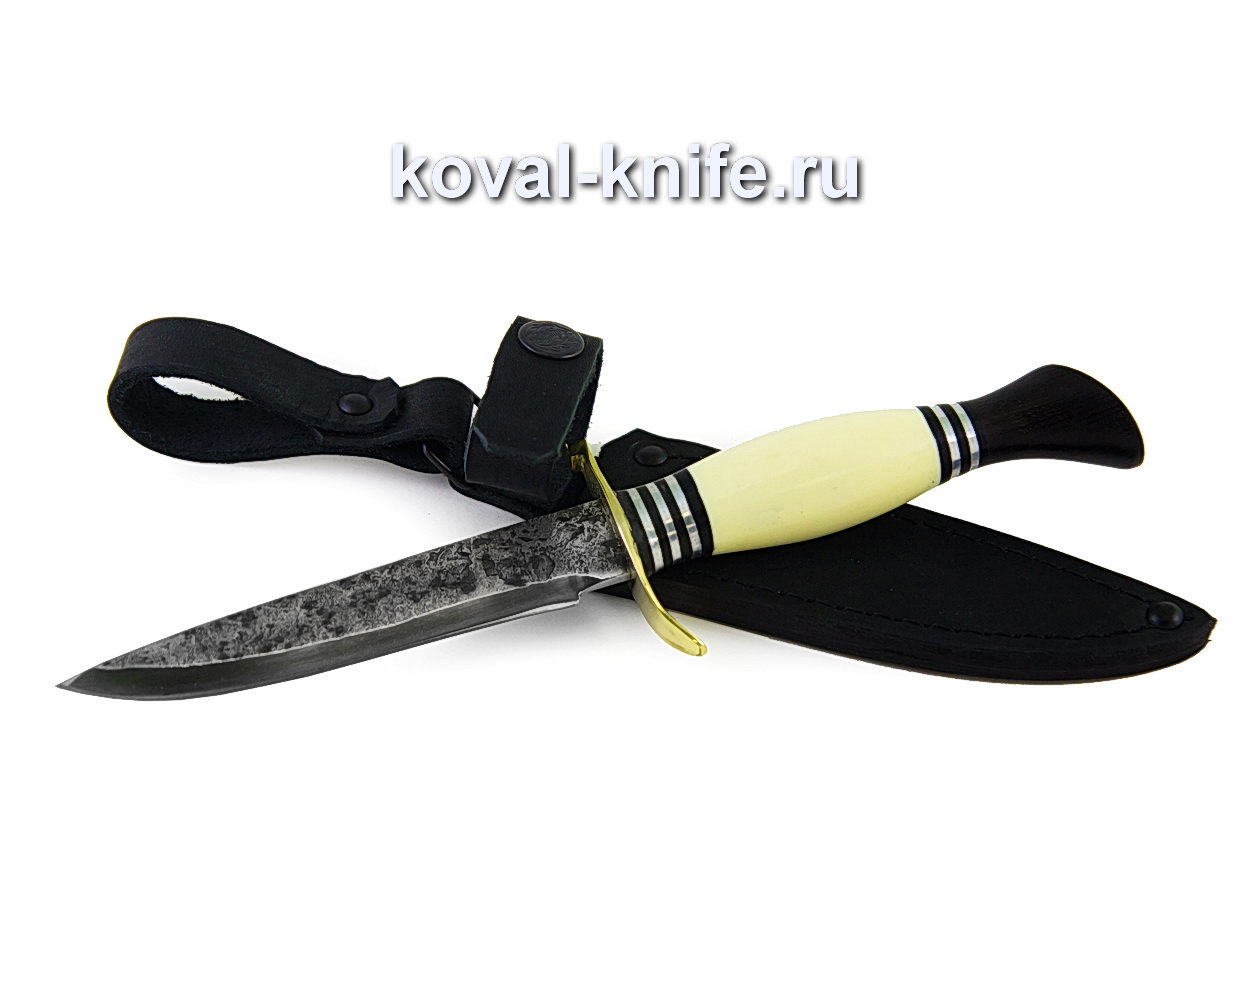 Нож Финка НКВД из кованой стали 9хс (рукоять пластик, граб) A373